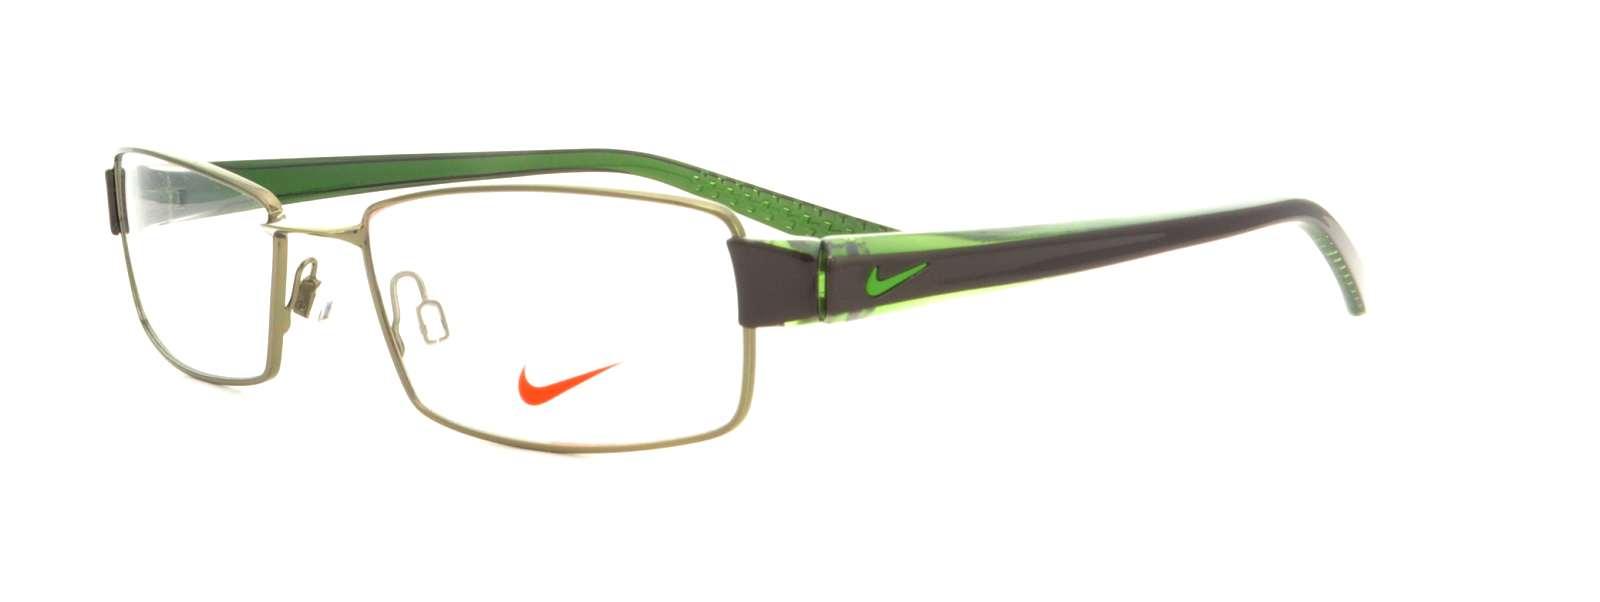 7223abf731d Designer Frames Outlet. Nike 8065